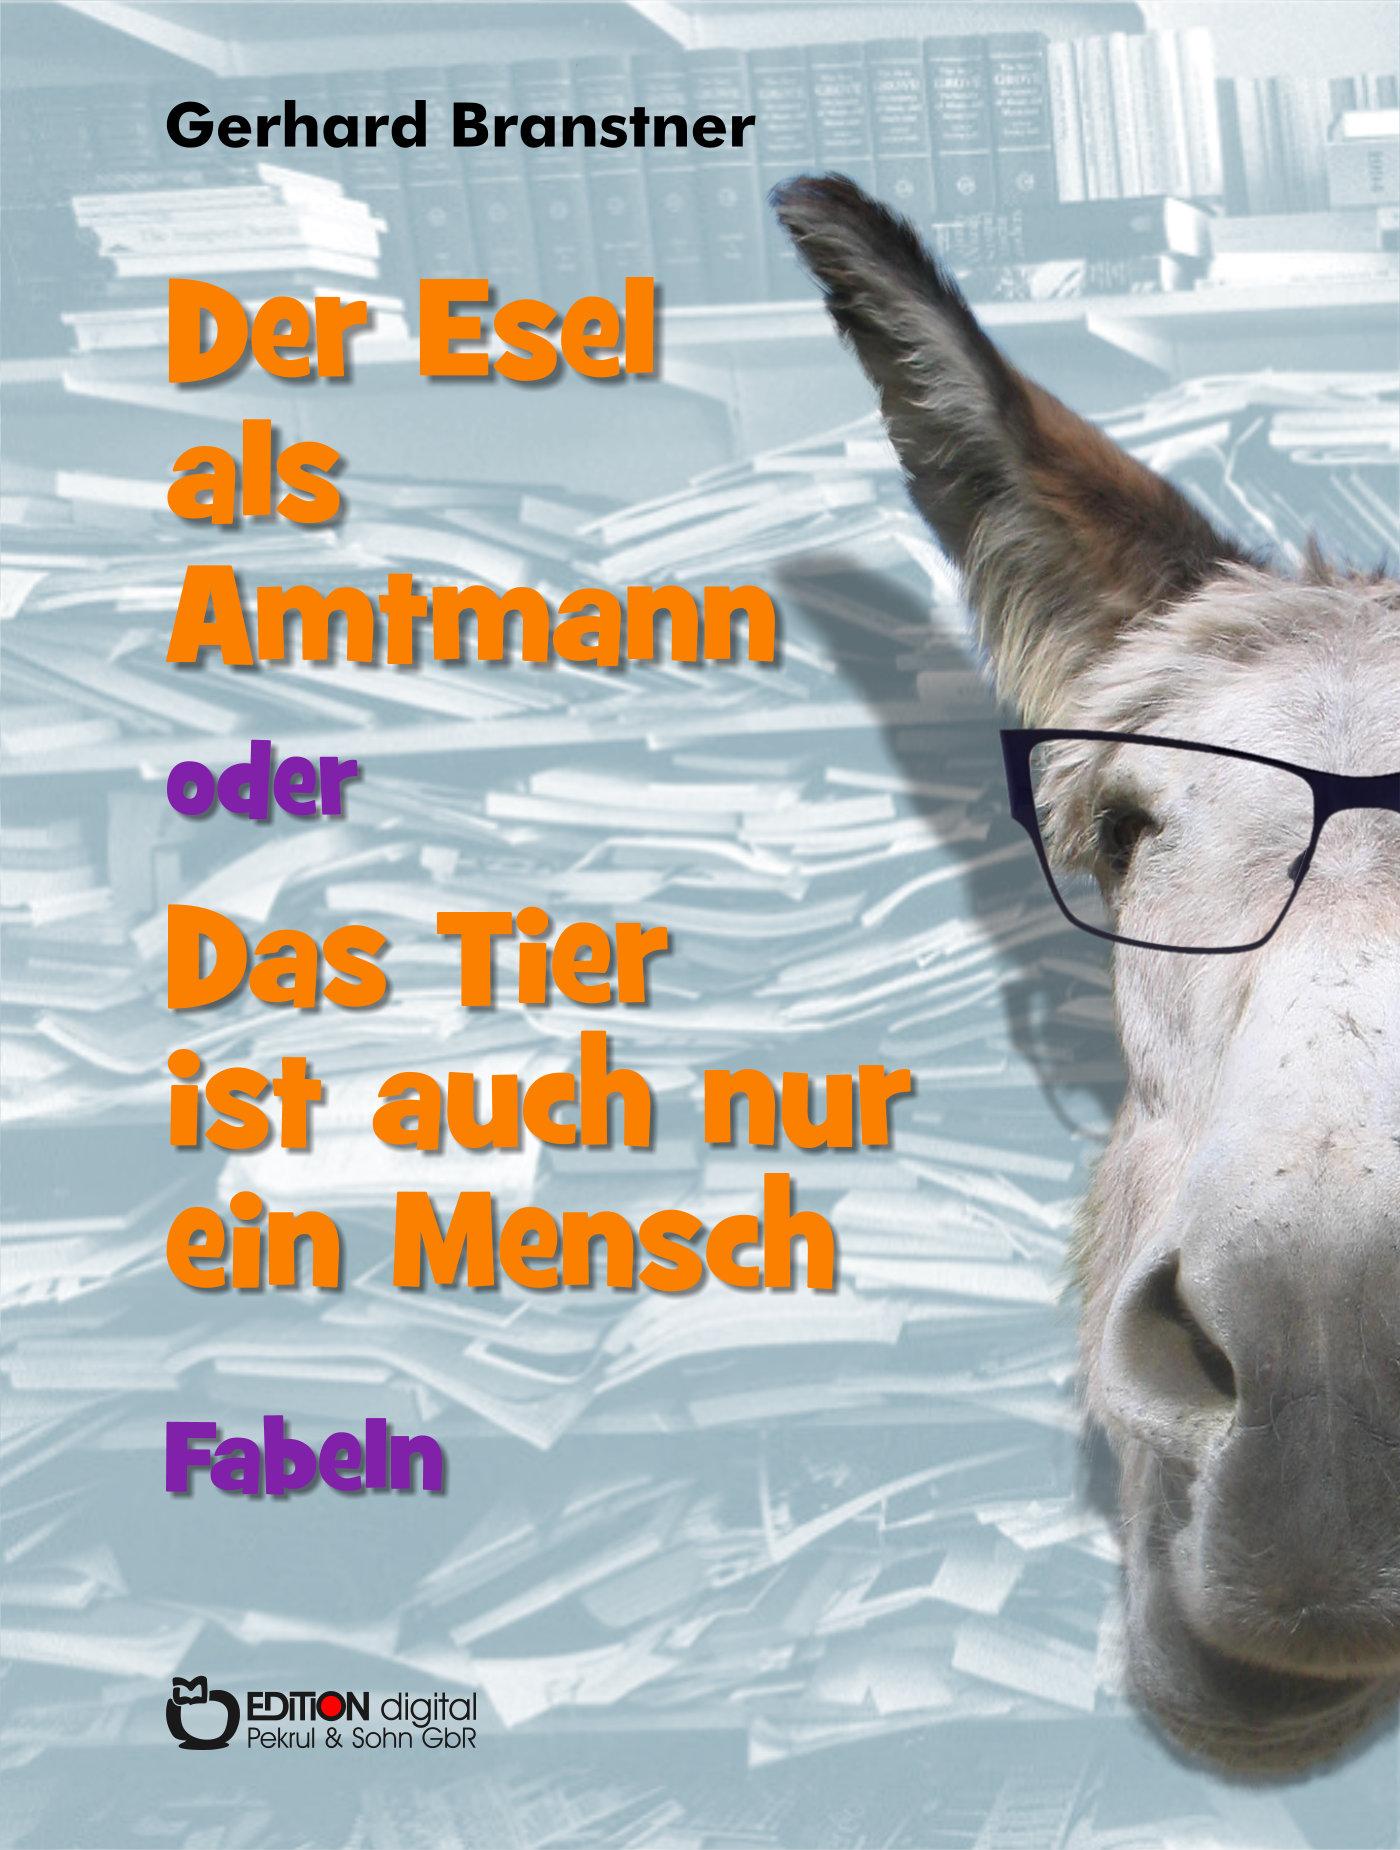 Der Esel als Amtmann oder Das Tier ist auch nur ein Mensch. Fabeln von Gerhard Branstner